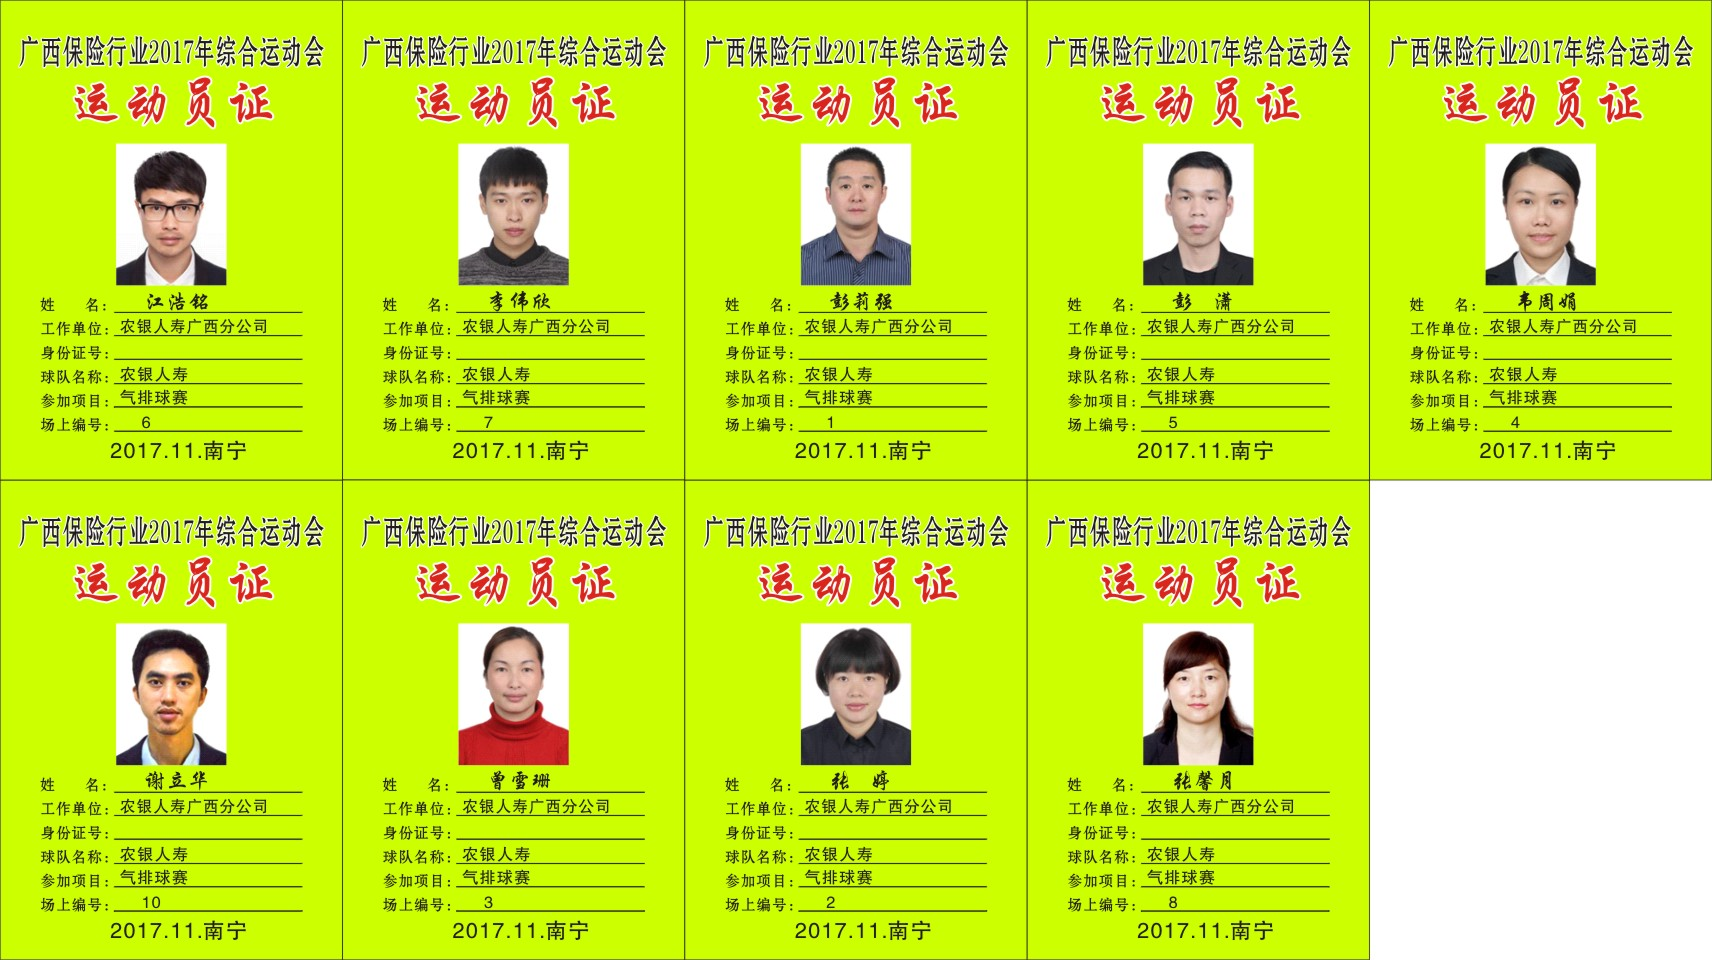 4农银人寿广西分公司.jpg